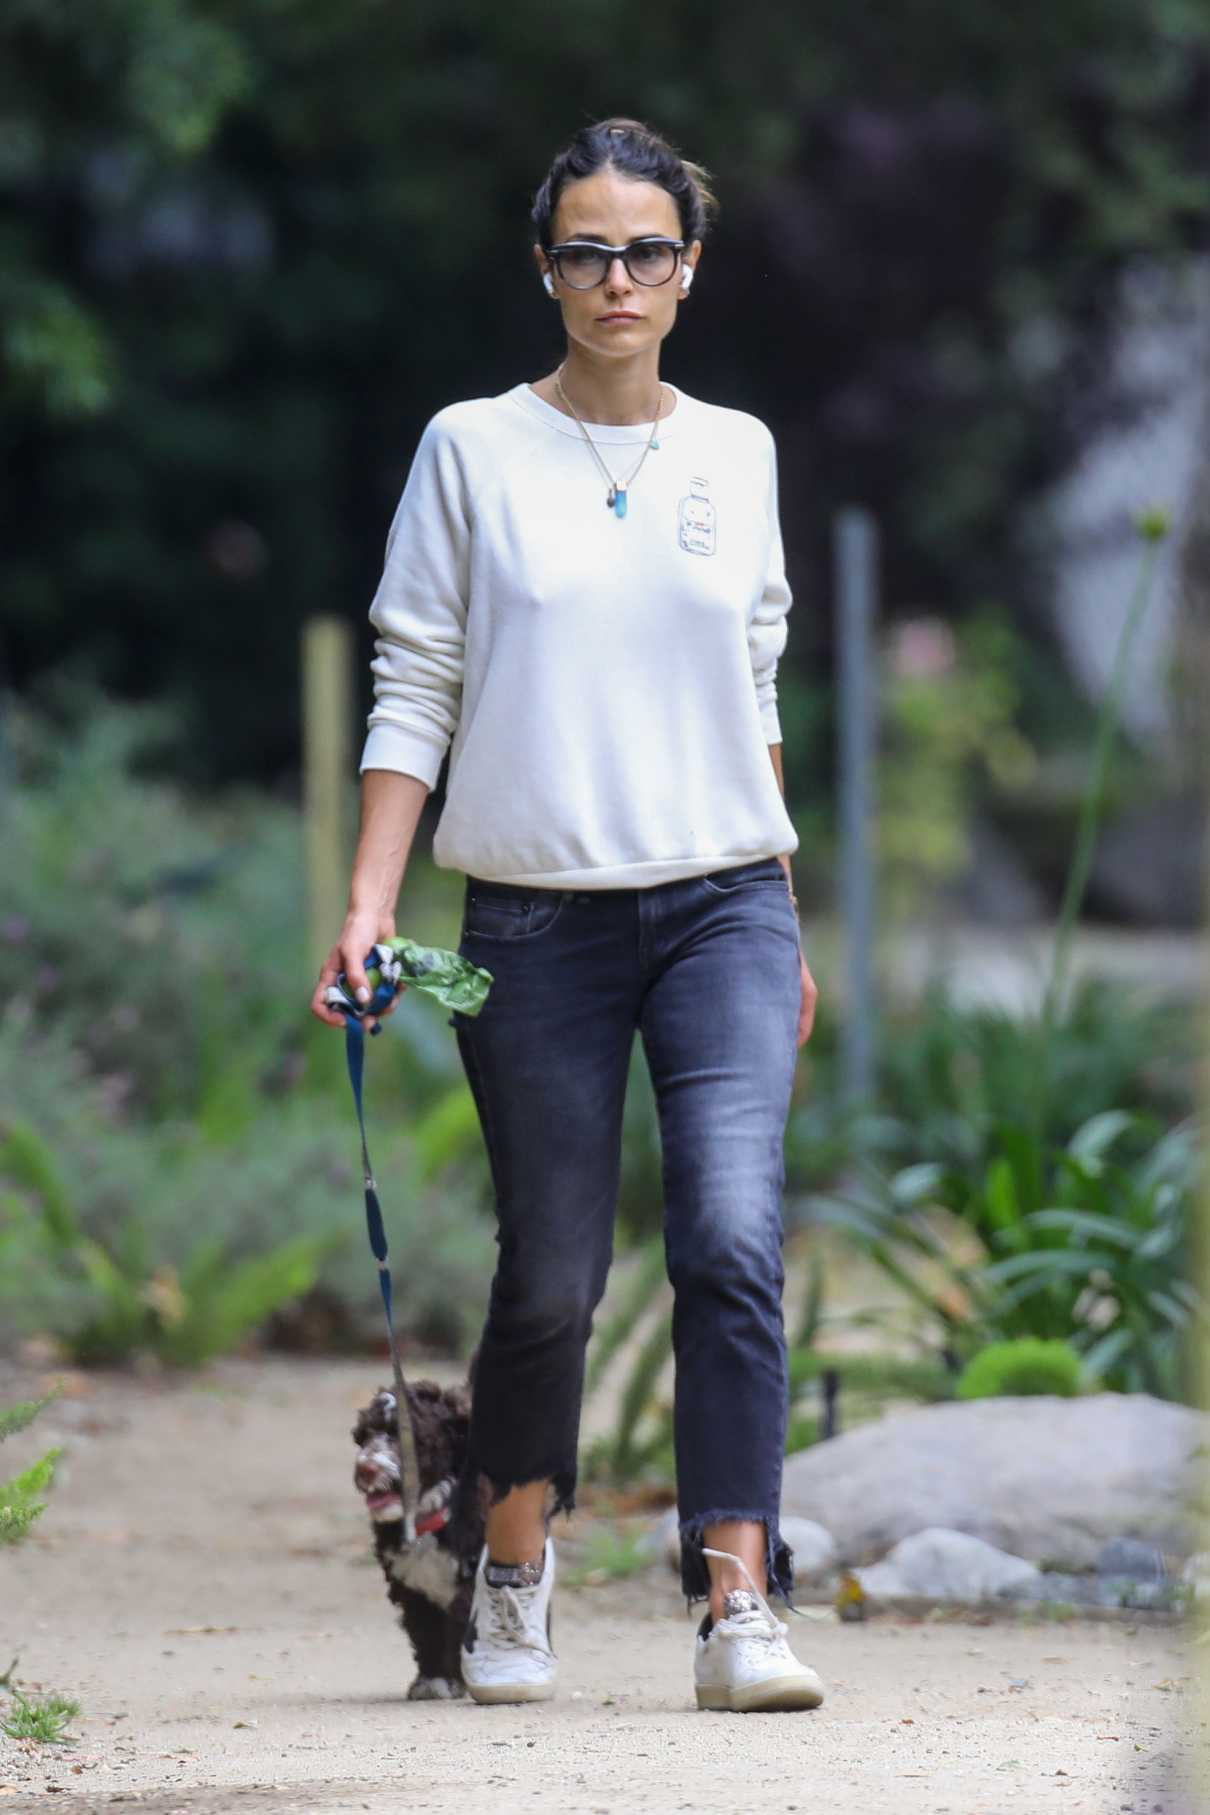 Jordana Brewster in a White Sweatshirt